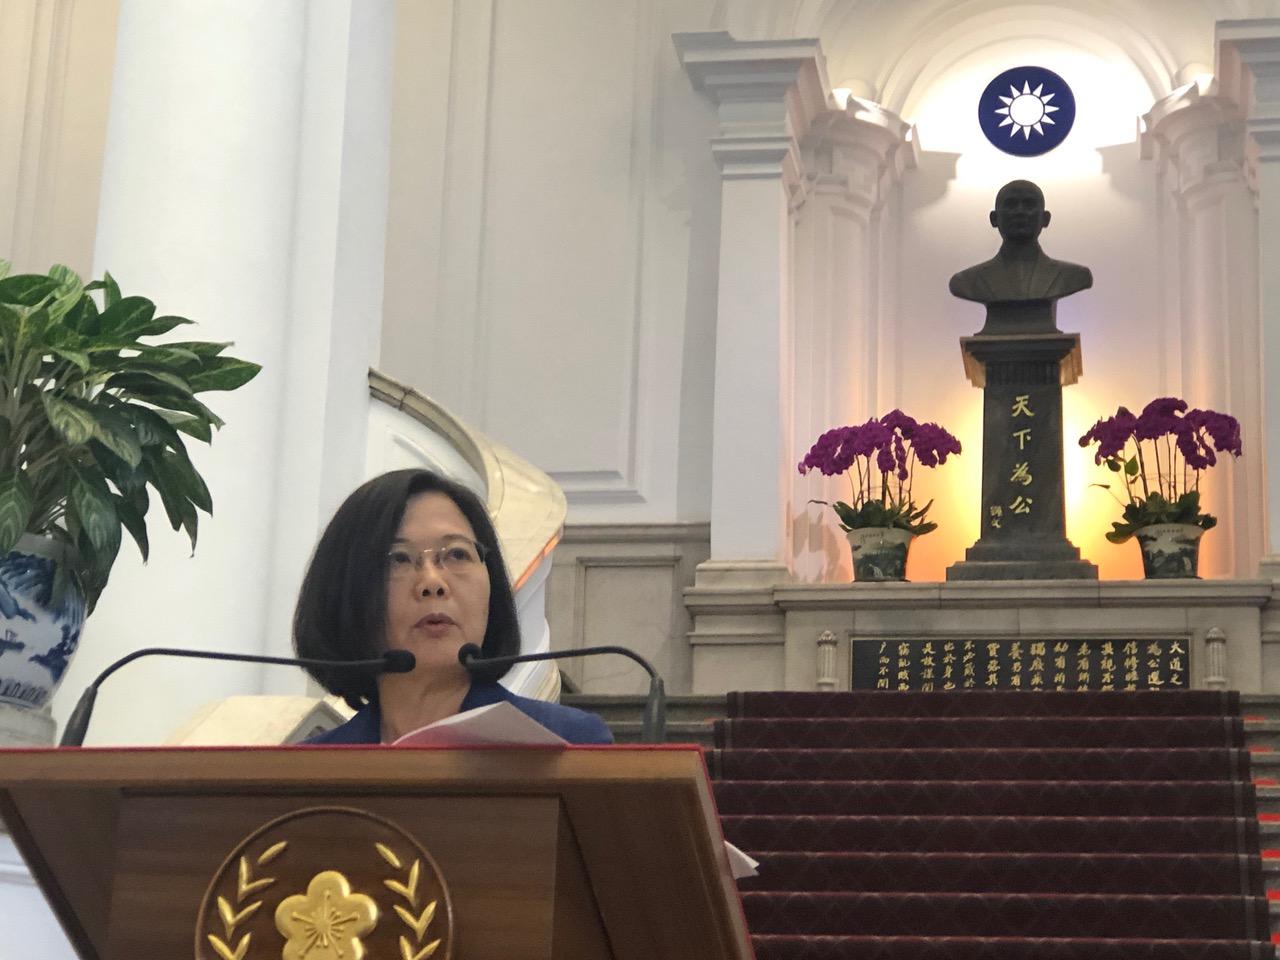 蔡英文致词没谈胜选,而声援香港反送中,呼吁港府勿仓促强势通过恶法。(记者夏小华摄)